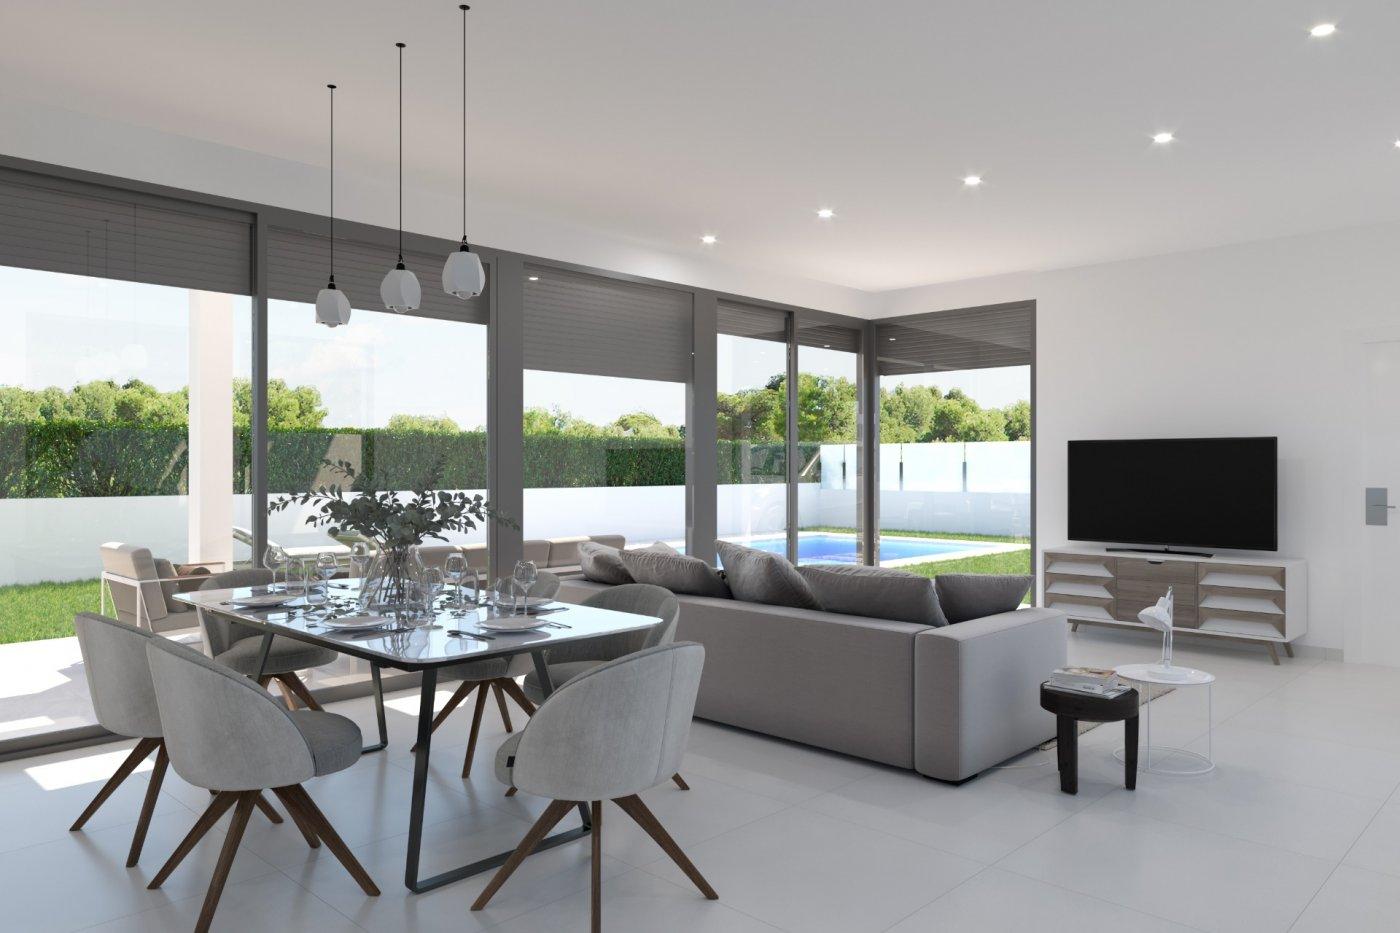 Villas modernas en sierra cortina (finestrat) a un paso de benidorm - imagenInmueble5